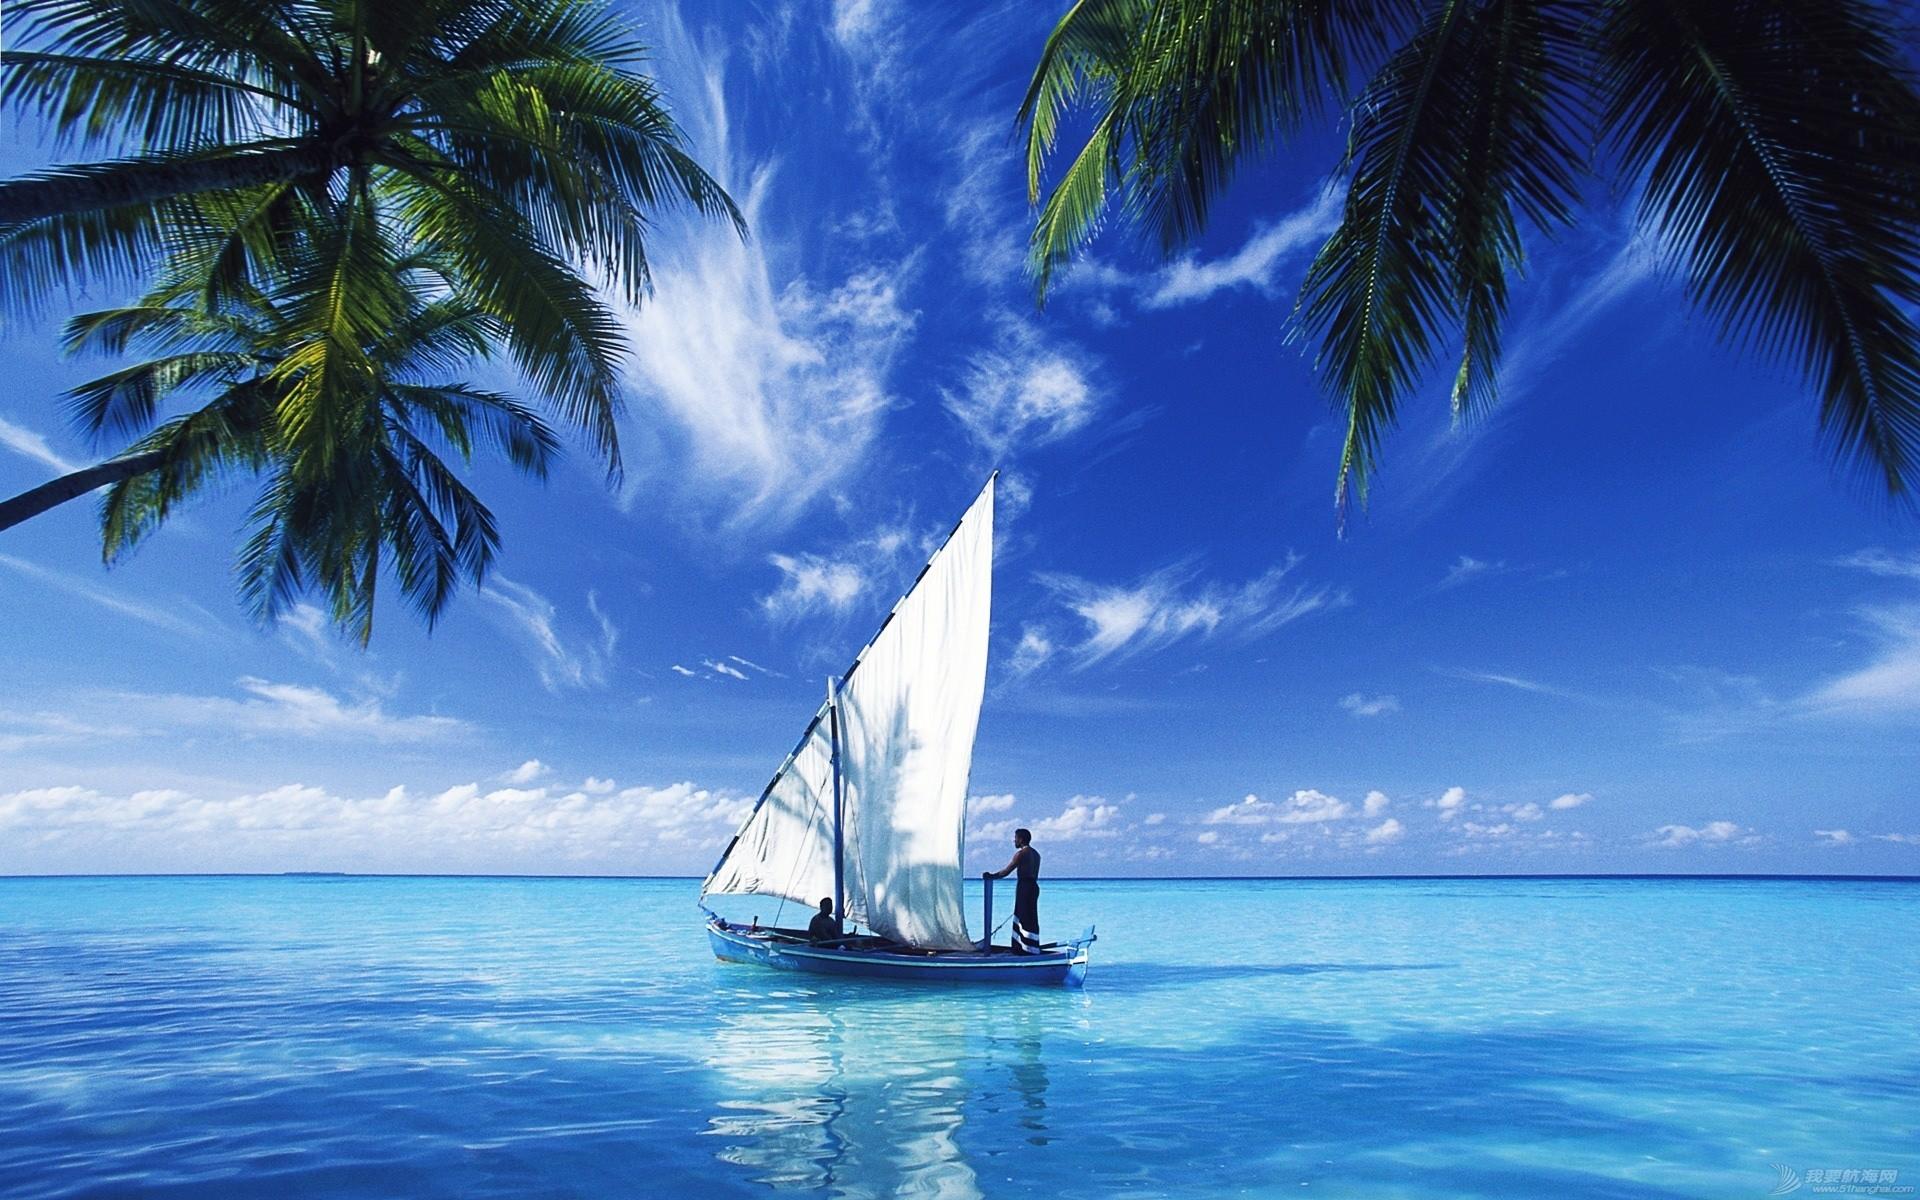 Tiffany,牙买加,大西洋,艺术家,小马哥 从水手的蓝色情结说起----写在15-16克利伯英国培训启程前夕 wallhaven-43345.jpg